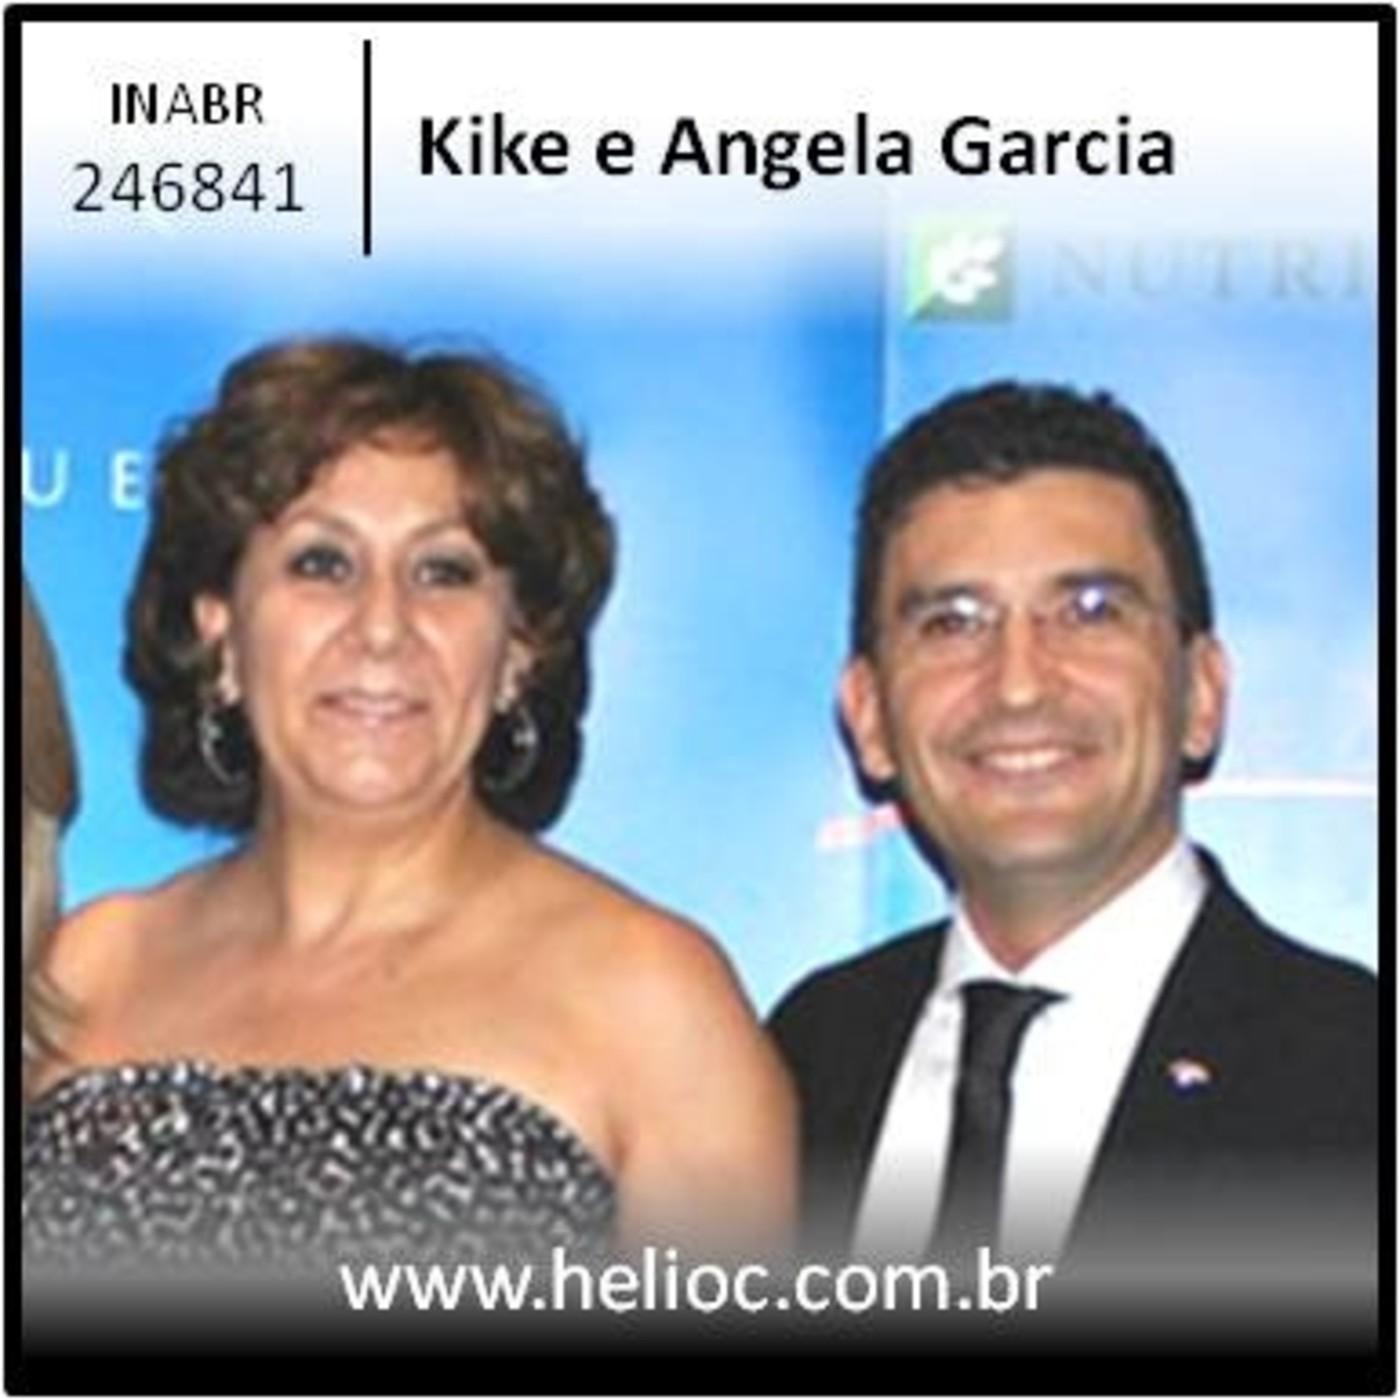 INABR 246841 - Um Projeto Com Principios - Kike e Angela Garcia